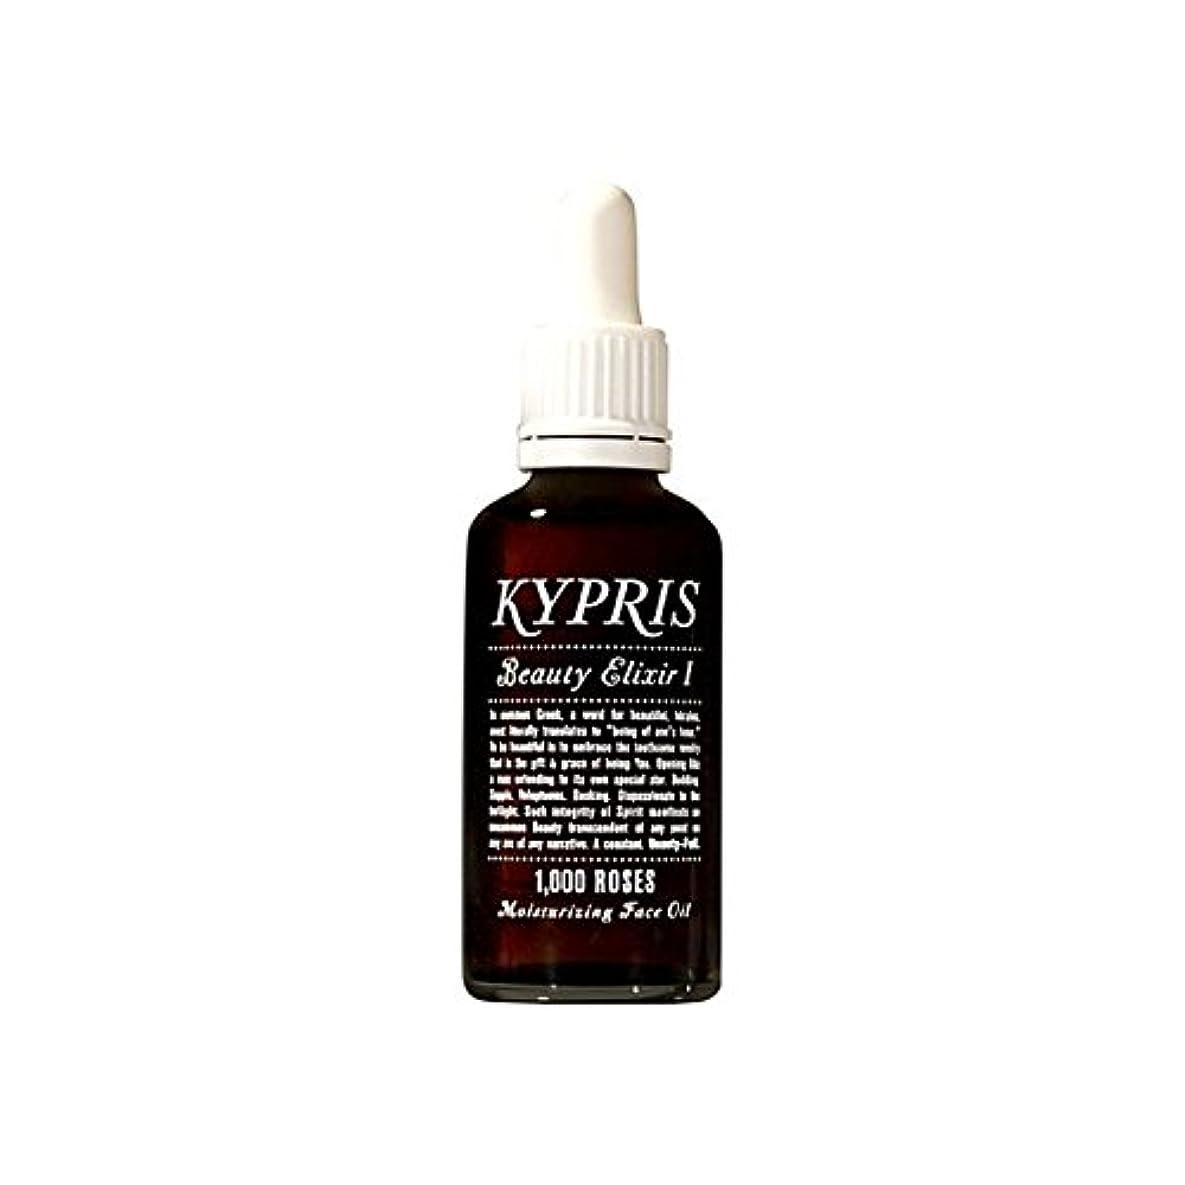 蓄積するローマ人魚千本のバラの14ミリリットル - 美容エリキシル私は x2 - Kypris Beauty Elixir I - 1,000 Roses 14Ml (Pack of 2) [並行輸入品]